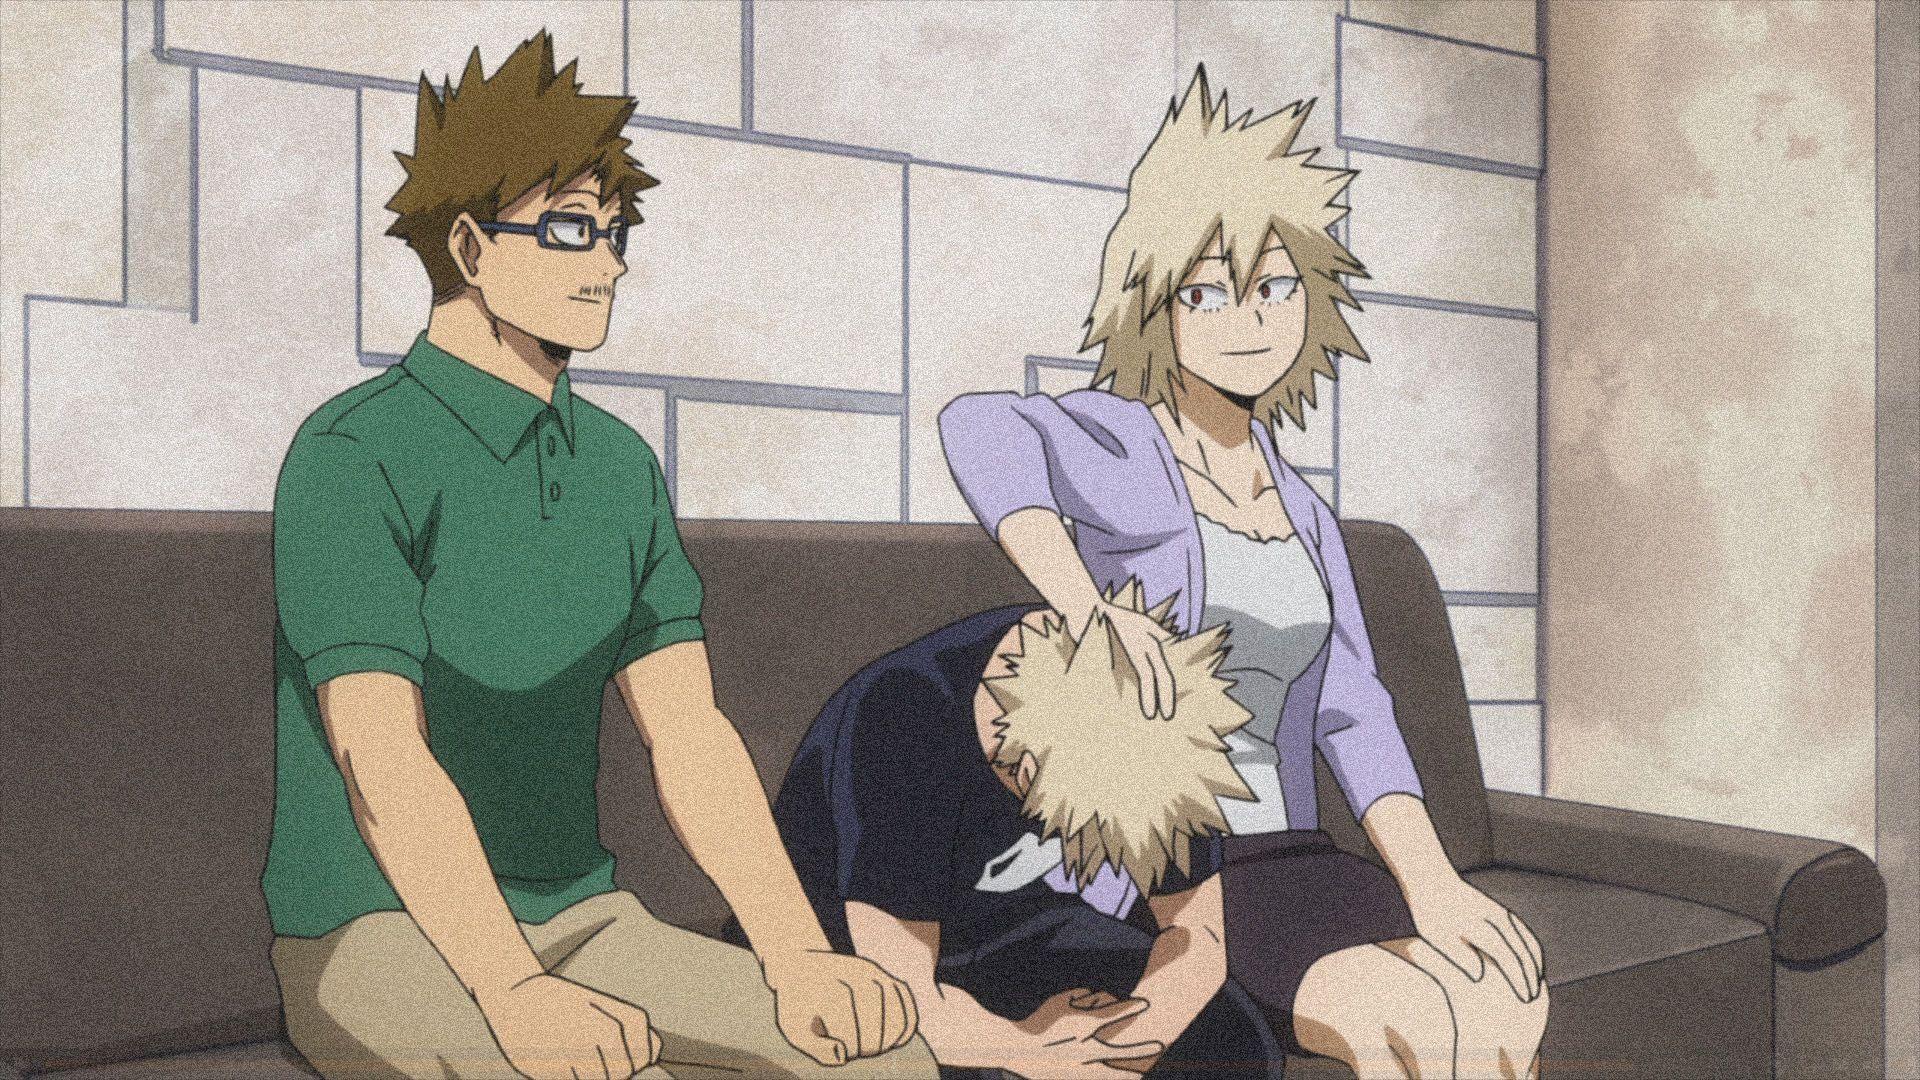 Bakugo Boyfriend Scenarios 14 His Parents Find Out My Hero My Hero Academia My Hero Academia Manga